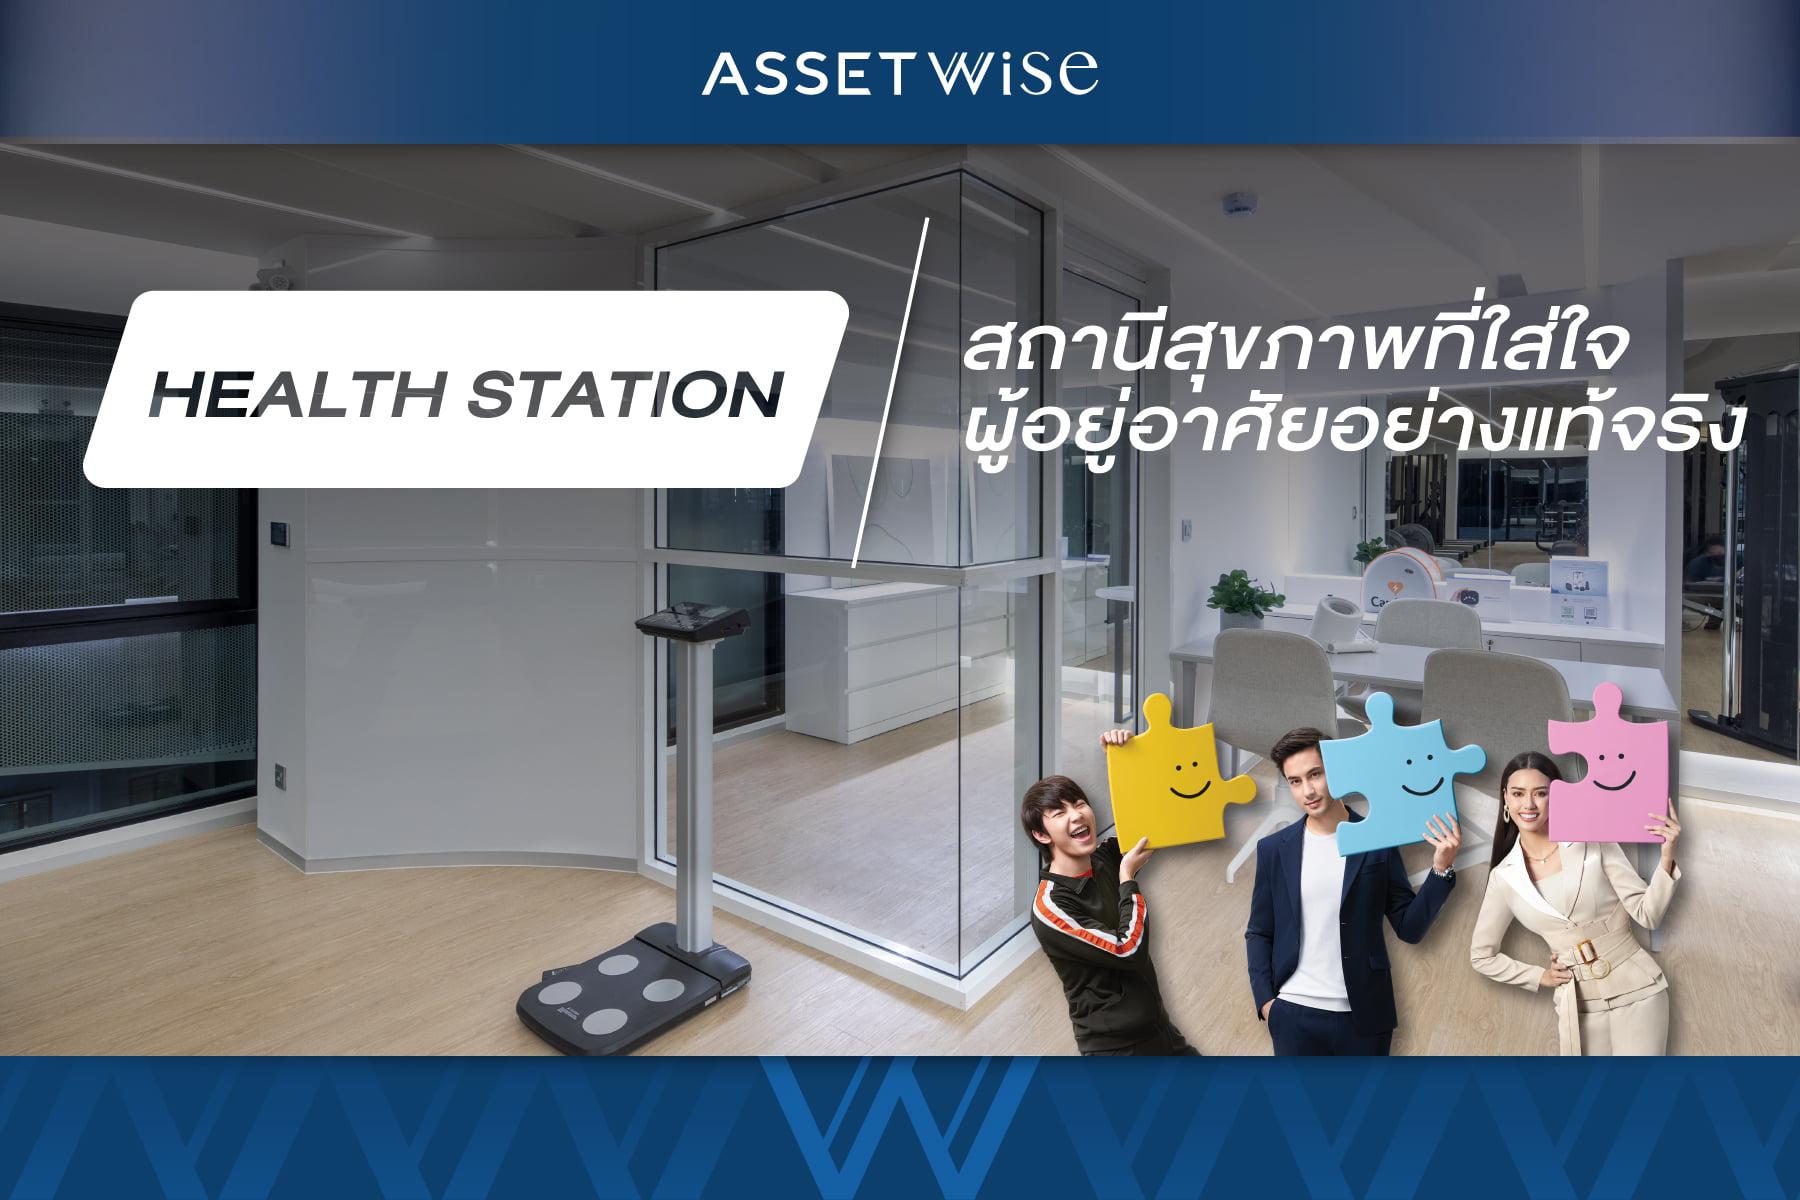 Health Station สถานีสุขภาพที่ใส่ใจผู้อยู่อาศัยอย่างแท้จริง